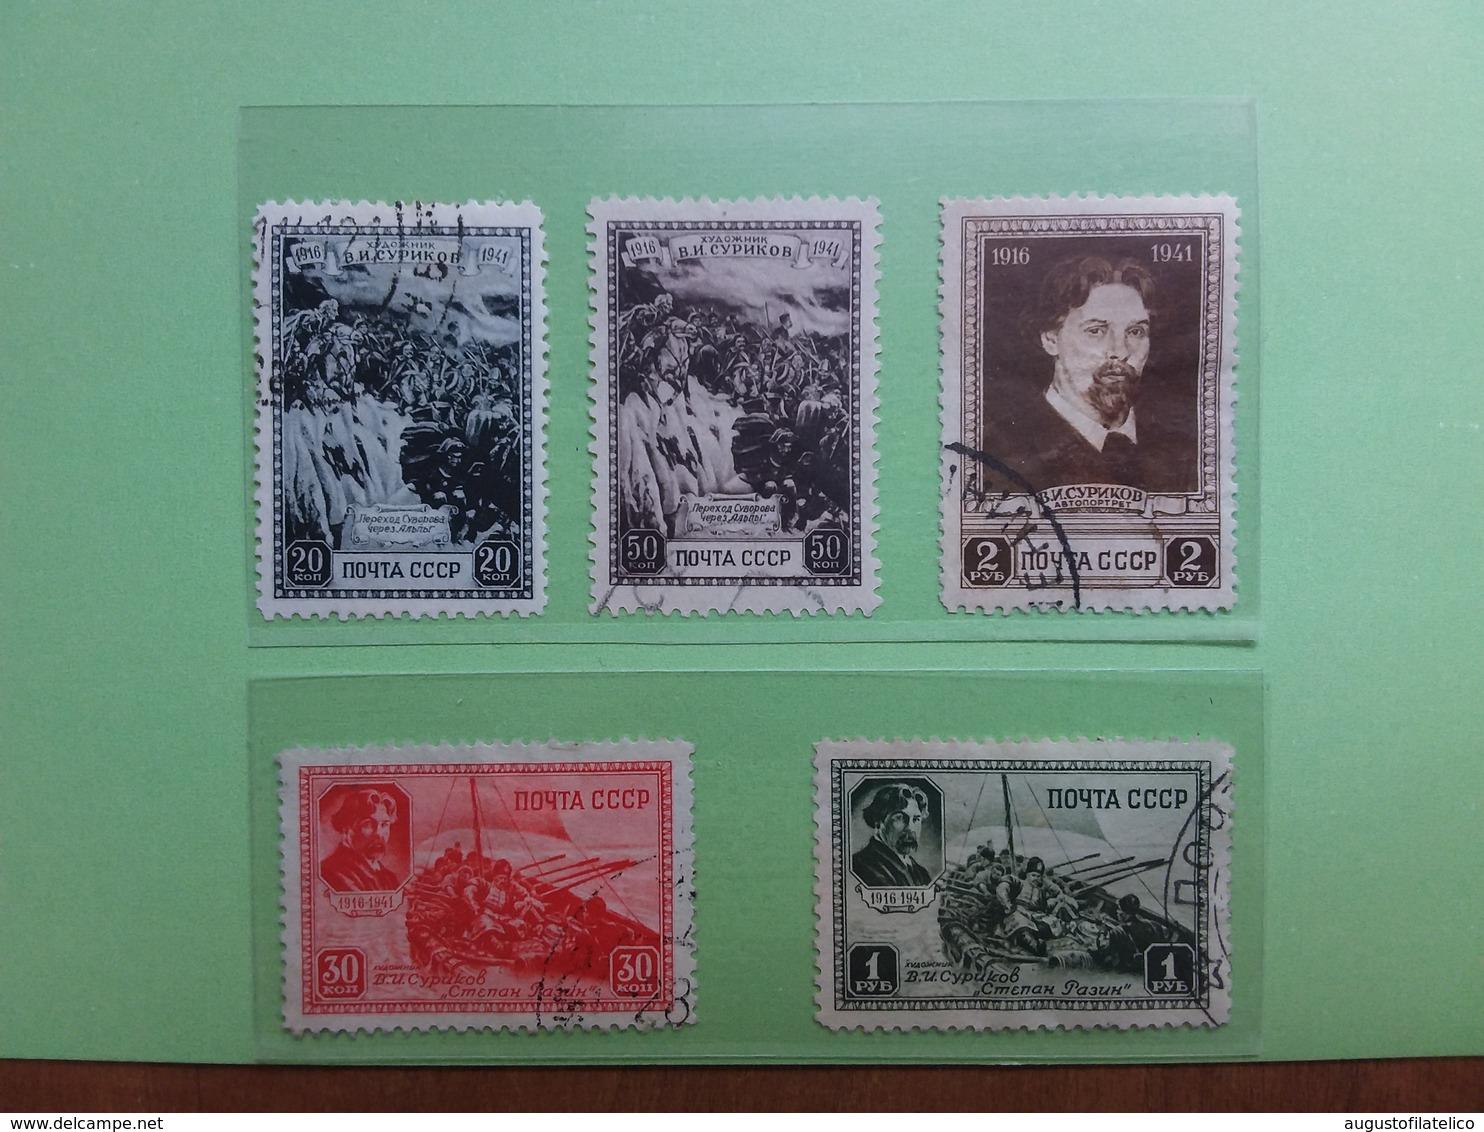 RUSSIA 1941 - 25° Anniversario Morte Pittore Ssurikovs Nn. 838/42 Timbrati + Spedizione Prioritaria - Usati